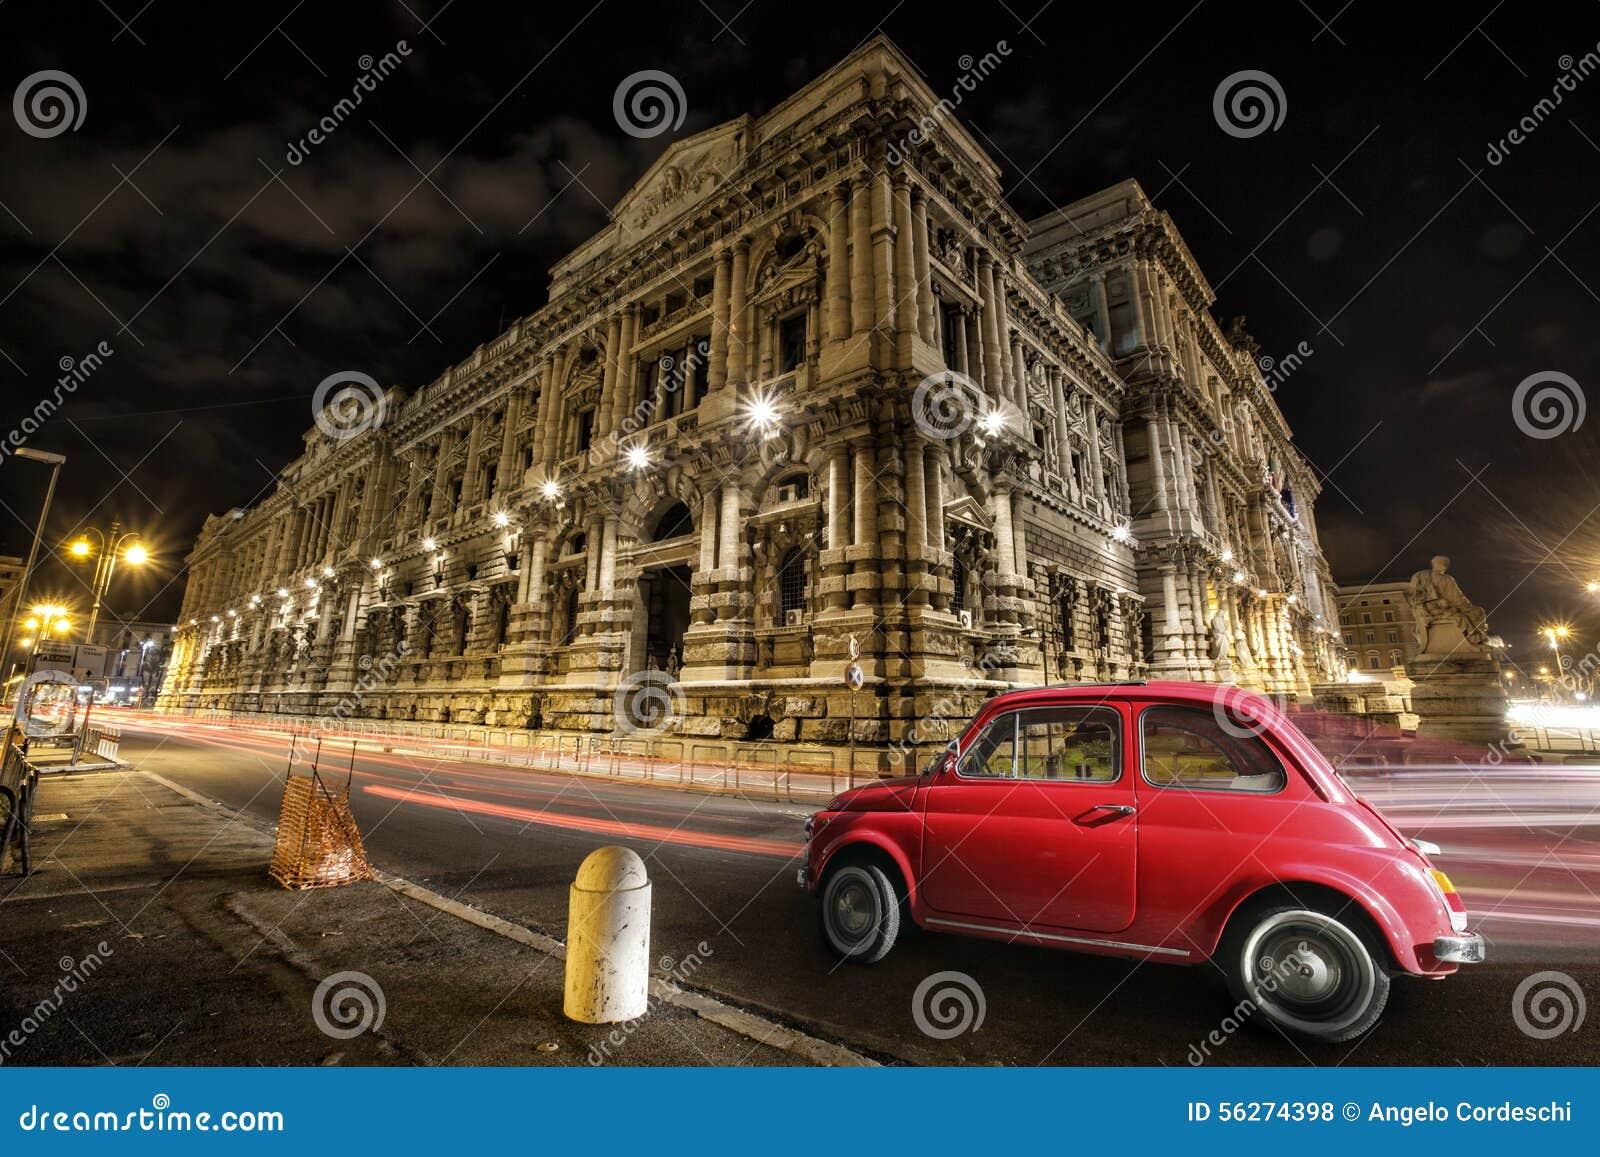 Rojo italiano del coche viejo por noche Monumento histórico italiano